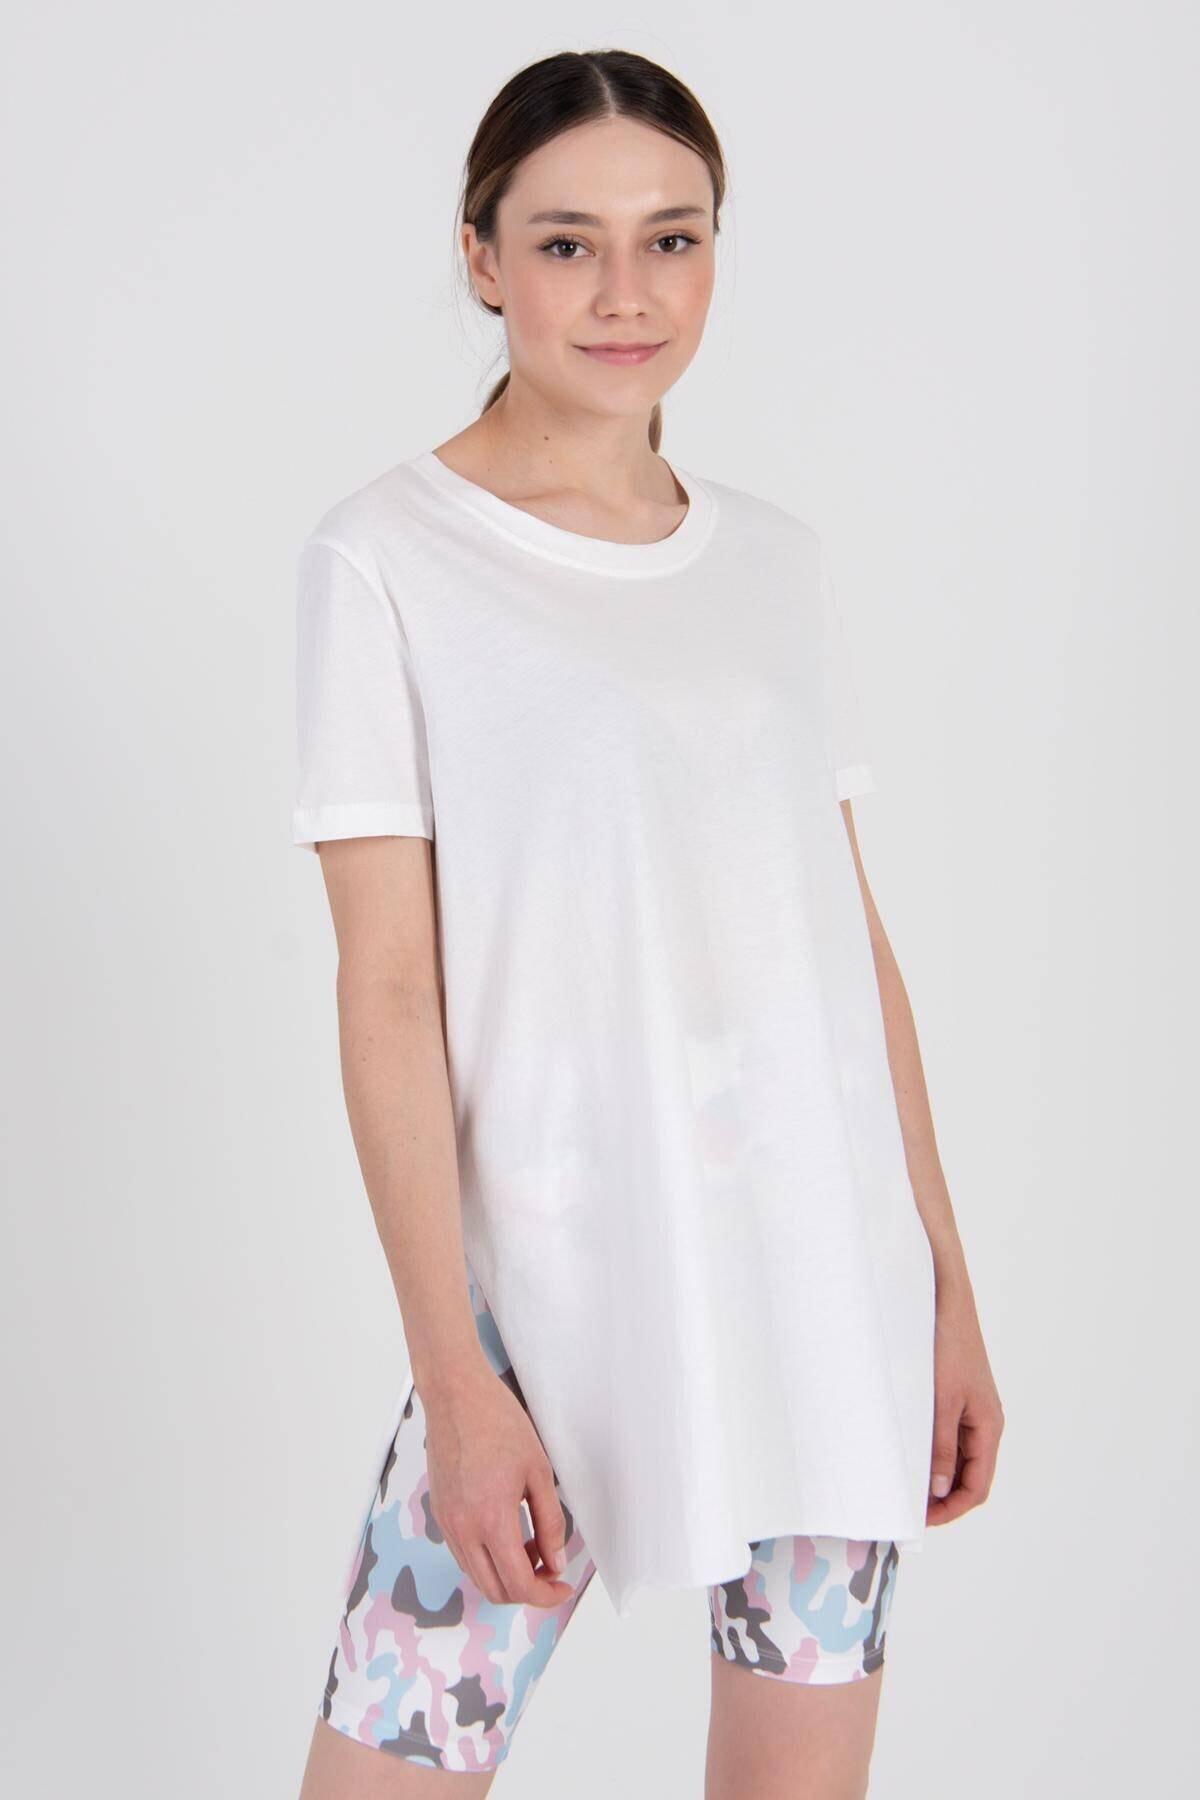 Addax Kadın Ekru Bisiklet Yaka T-Shirt P0101 - U4Y1 Adx-00007204 1